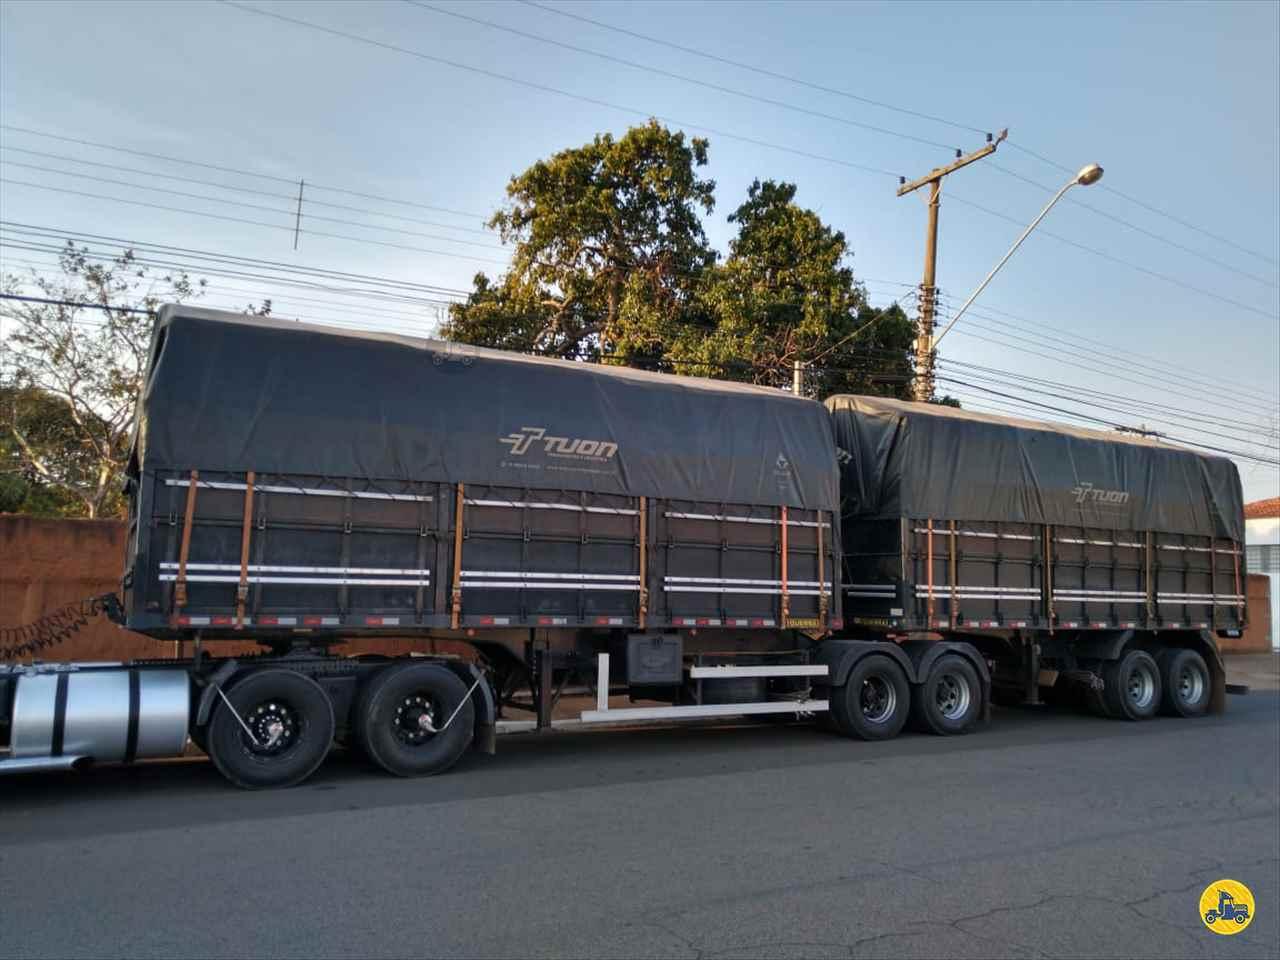 CARRETA BITREM GRANELEIRO Transportadora Tuon PIRASSUNUNGA SÃO PAULO SP